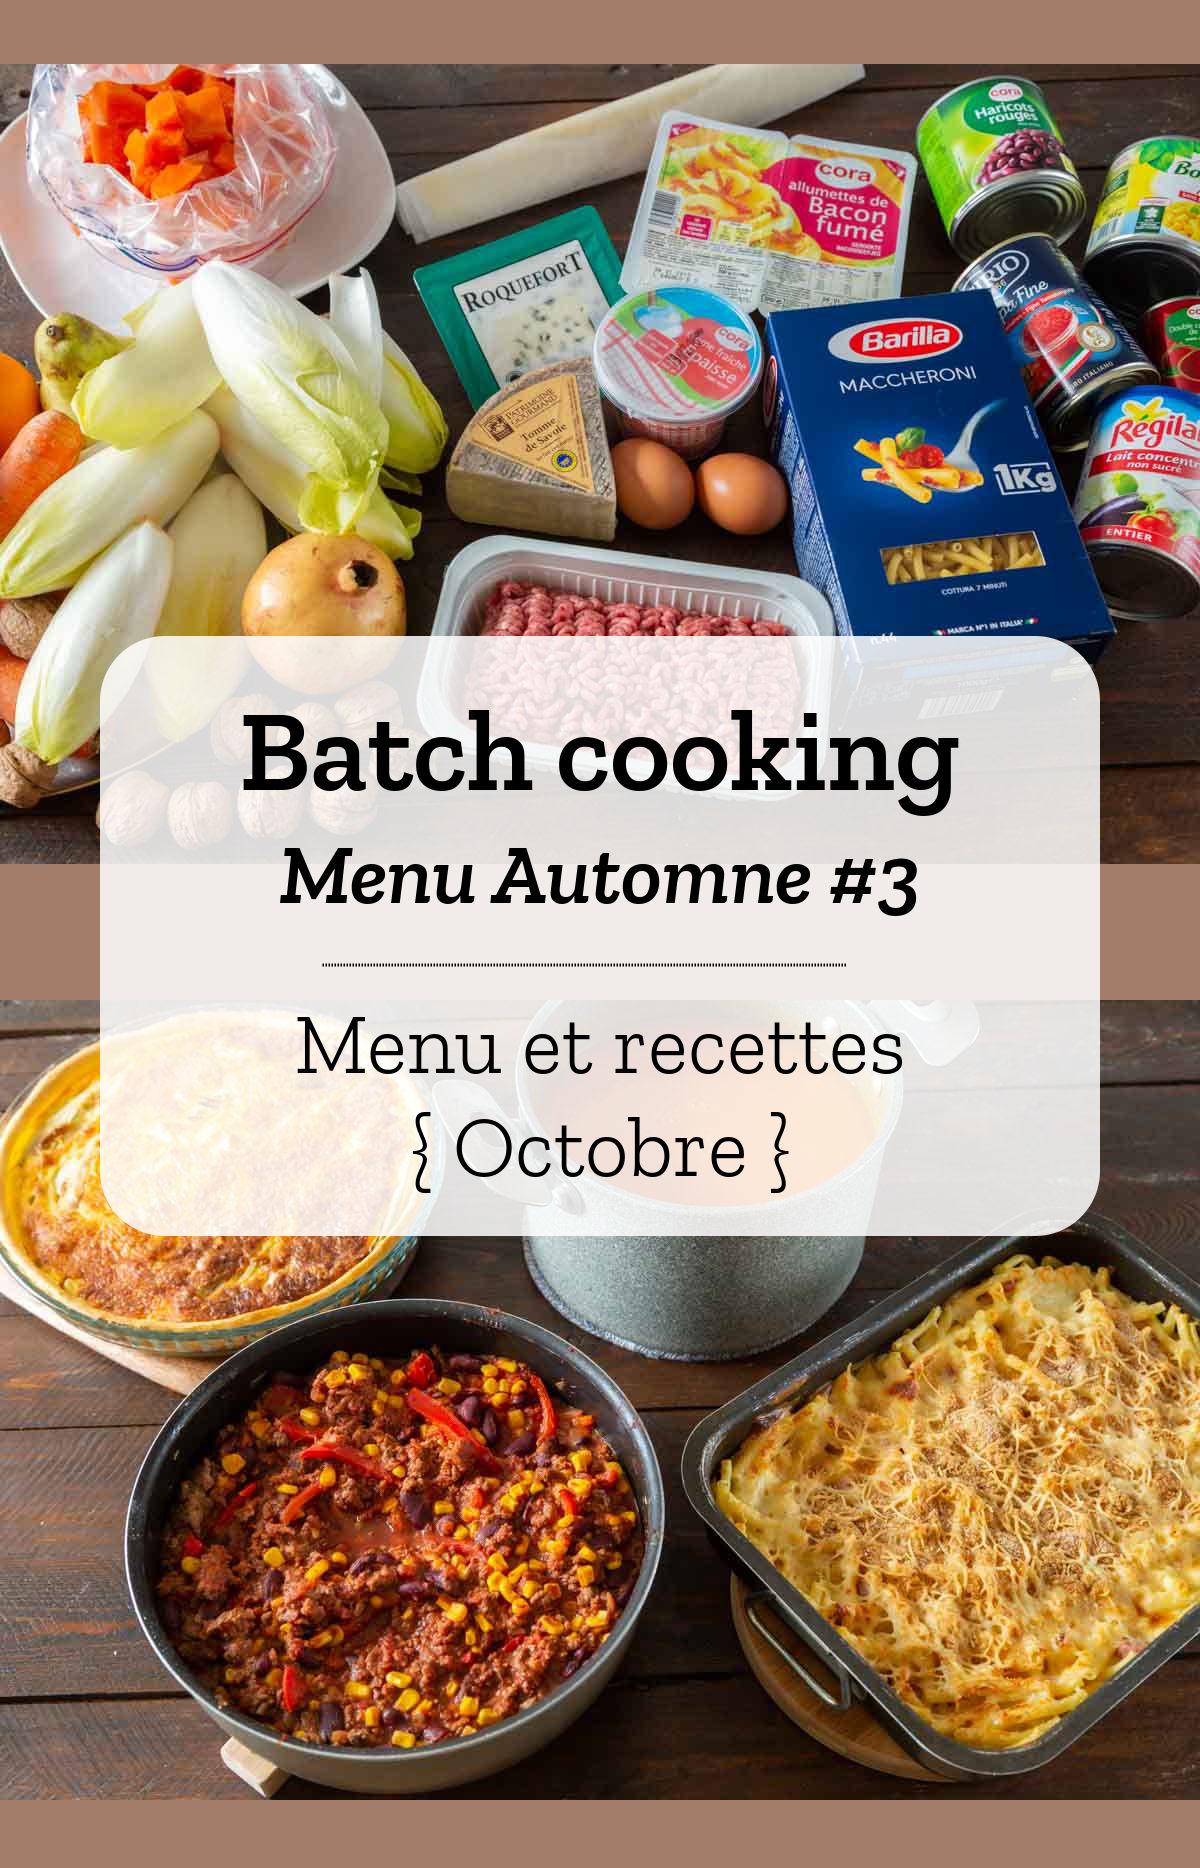 Batch cooking Automne #3 – Mois d'Octobre – Semaine 41